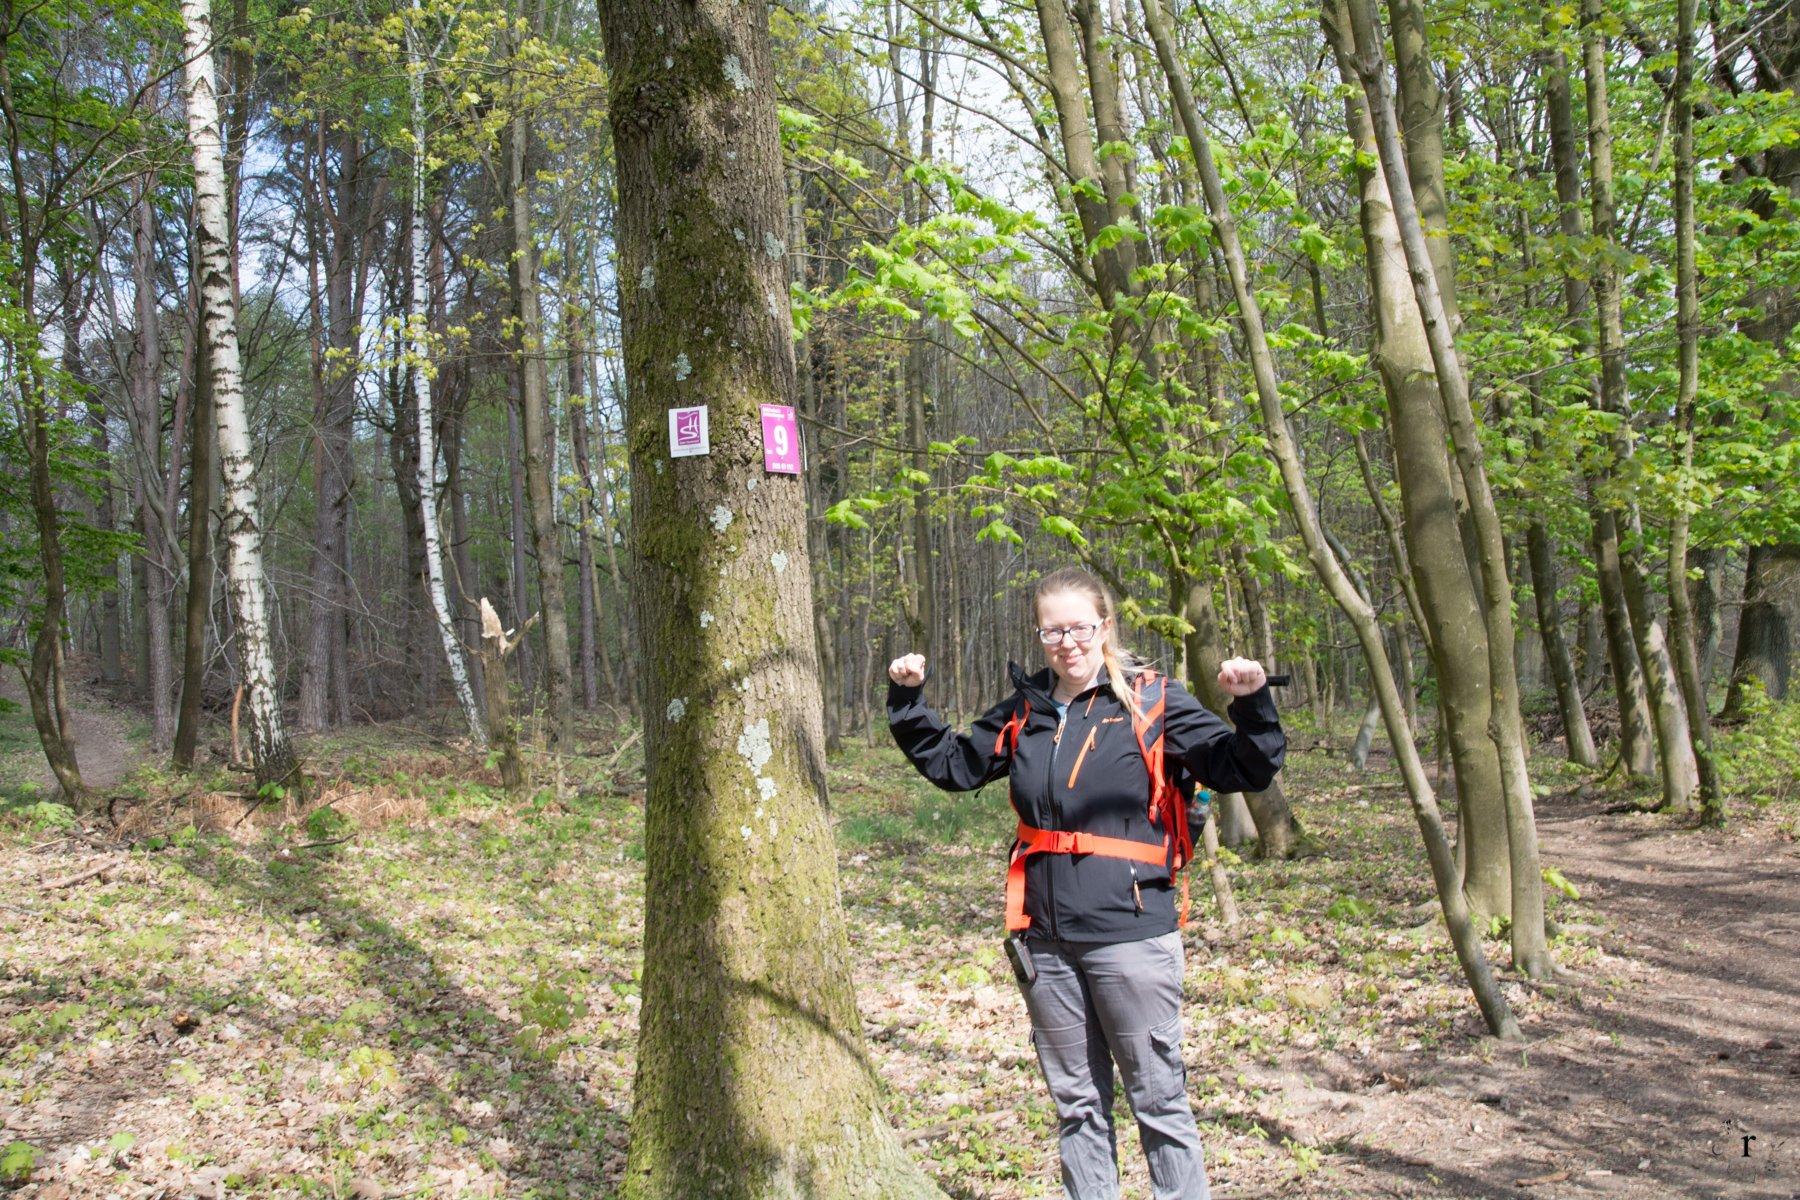 Freude darüber, 9km überlebt zu haben - Traumschleife Mühlenbach Schluchtentour